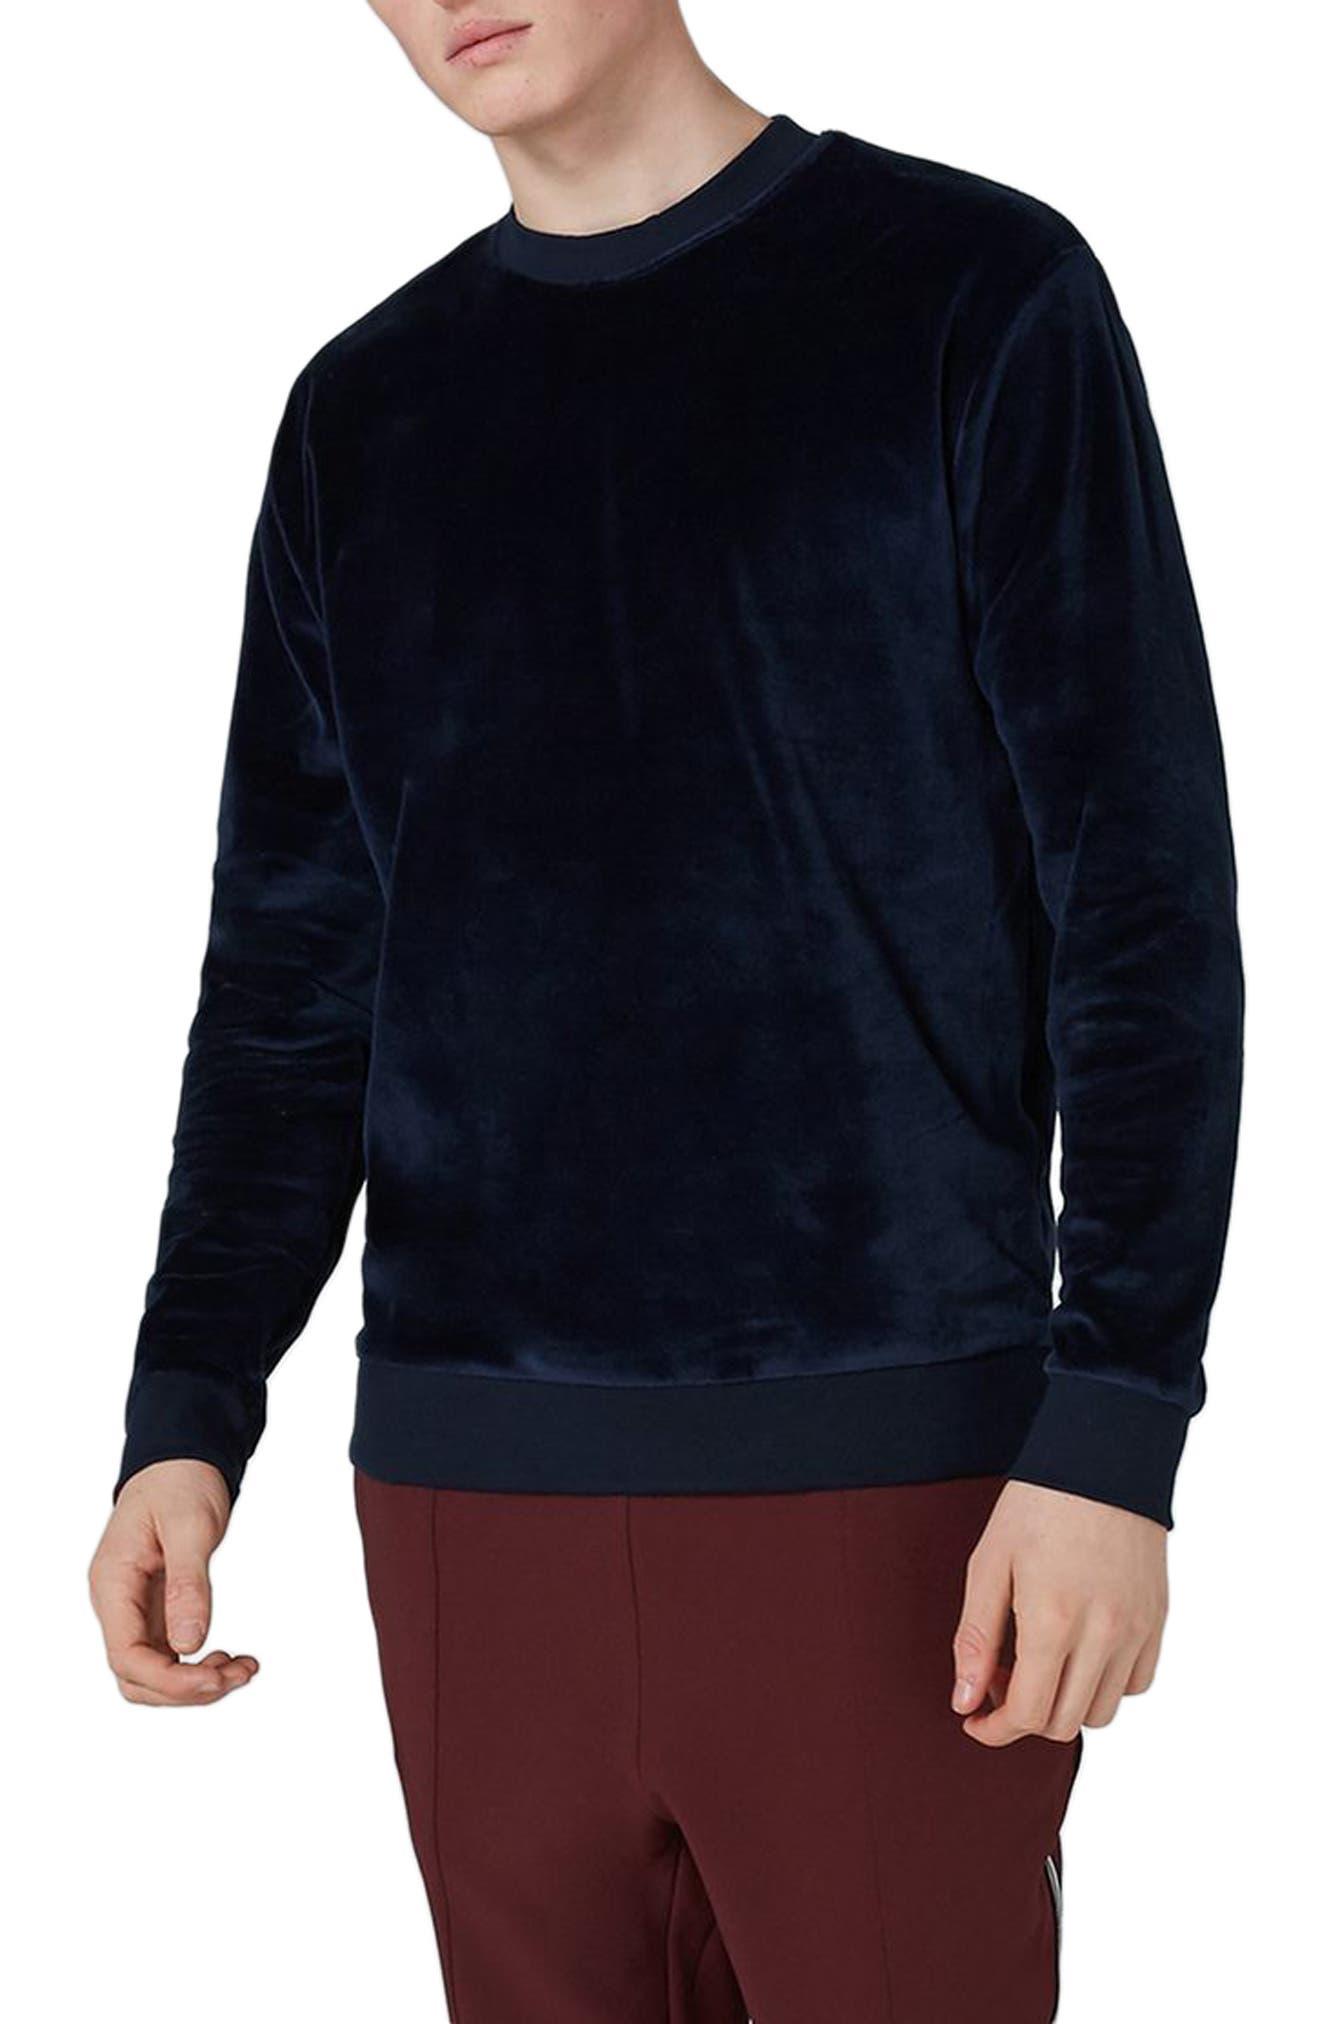 Topman Velour Sweatshirt